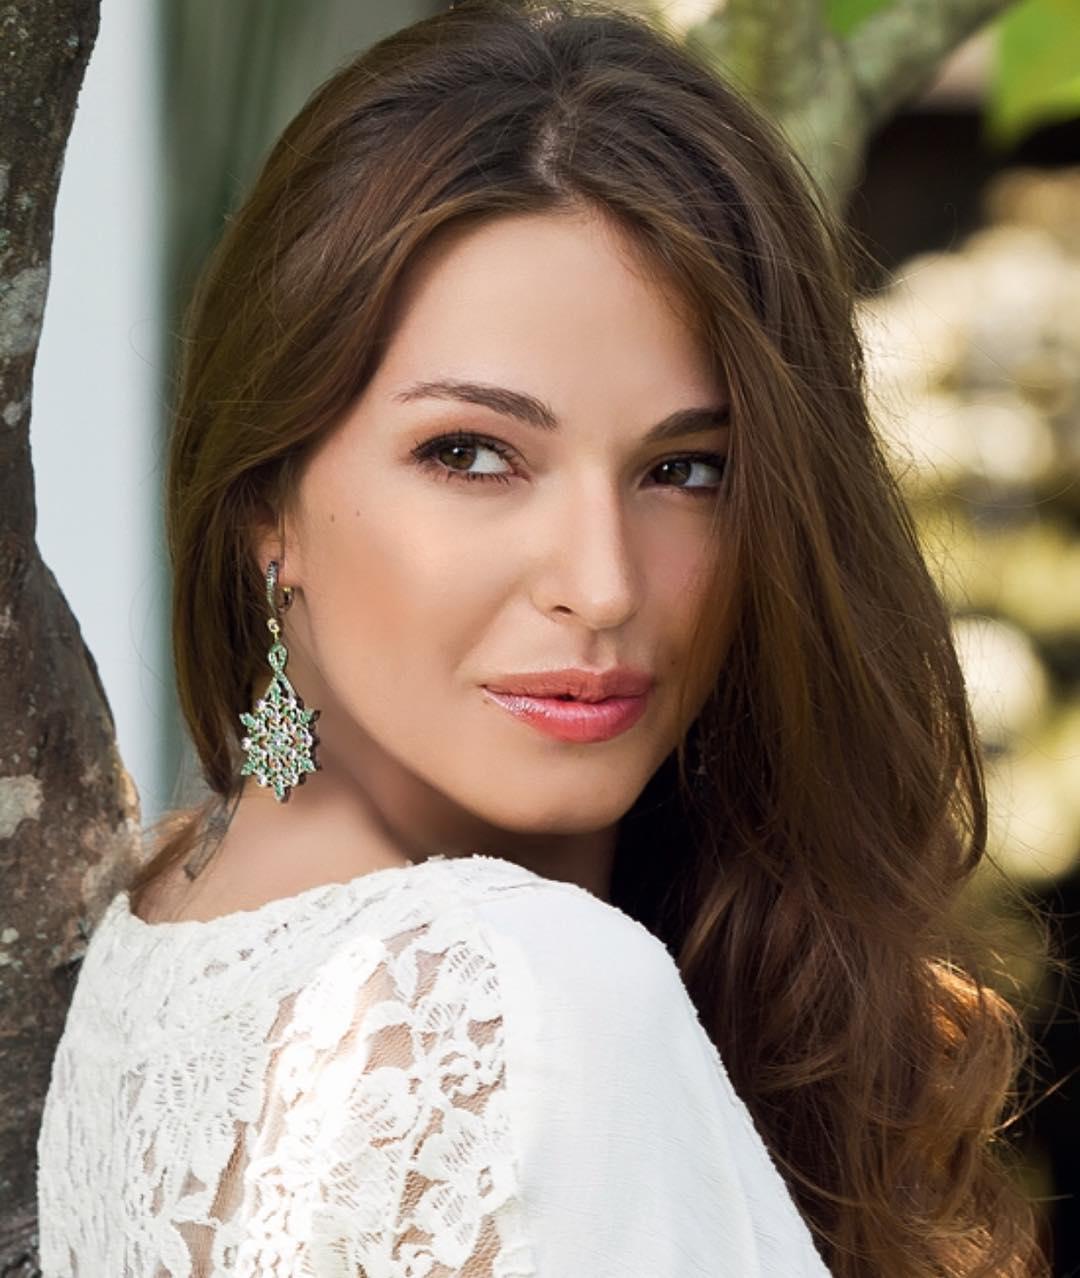 она там фото самых молодых русских актрис евро-ремонтом всем